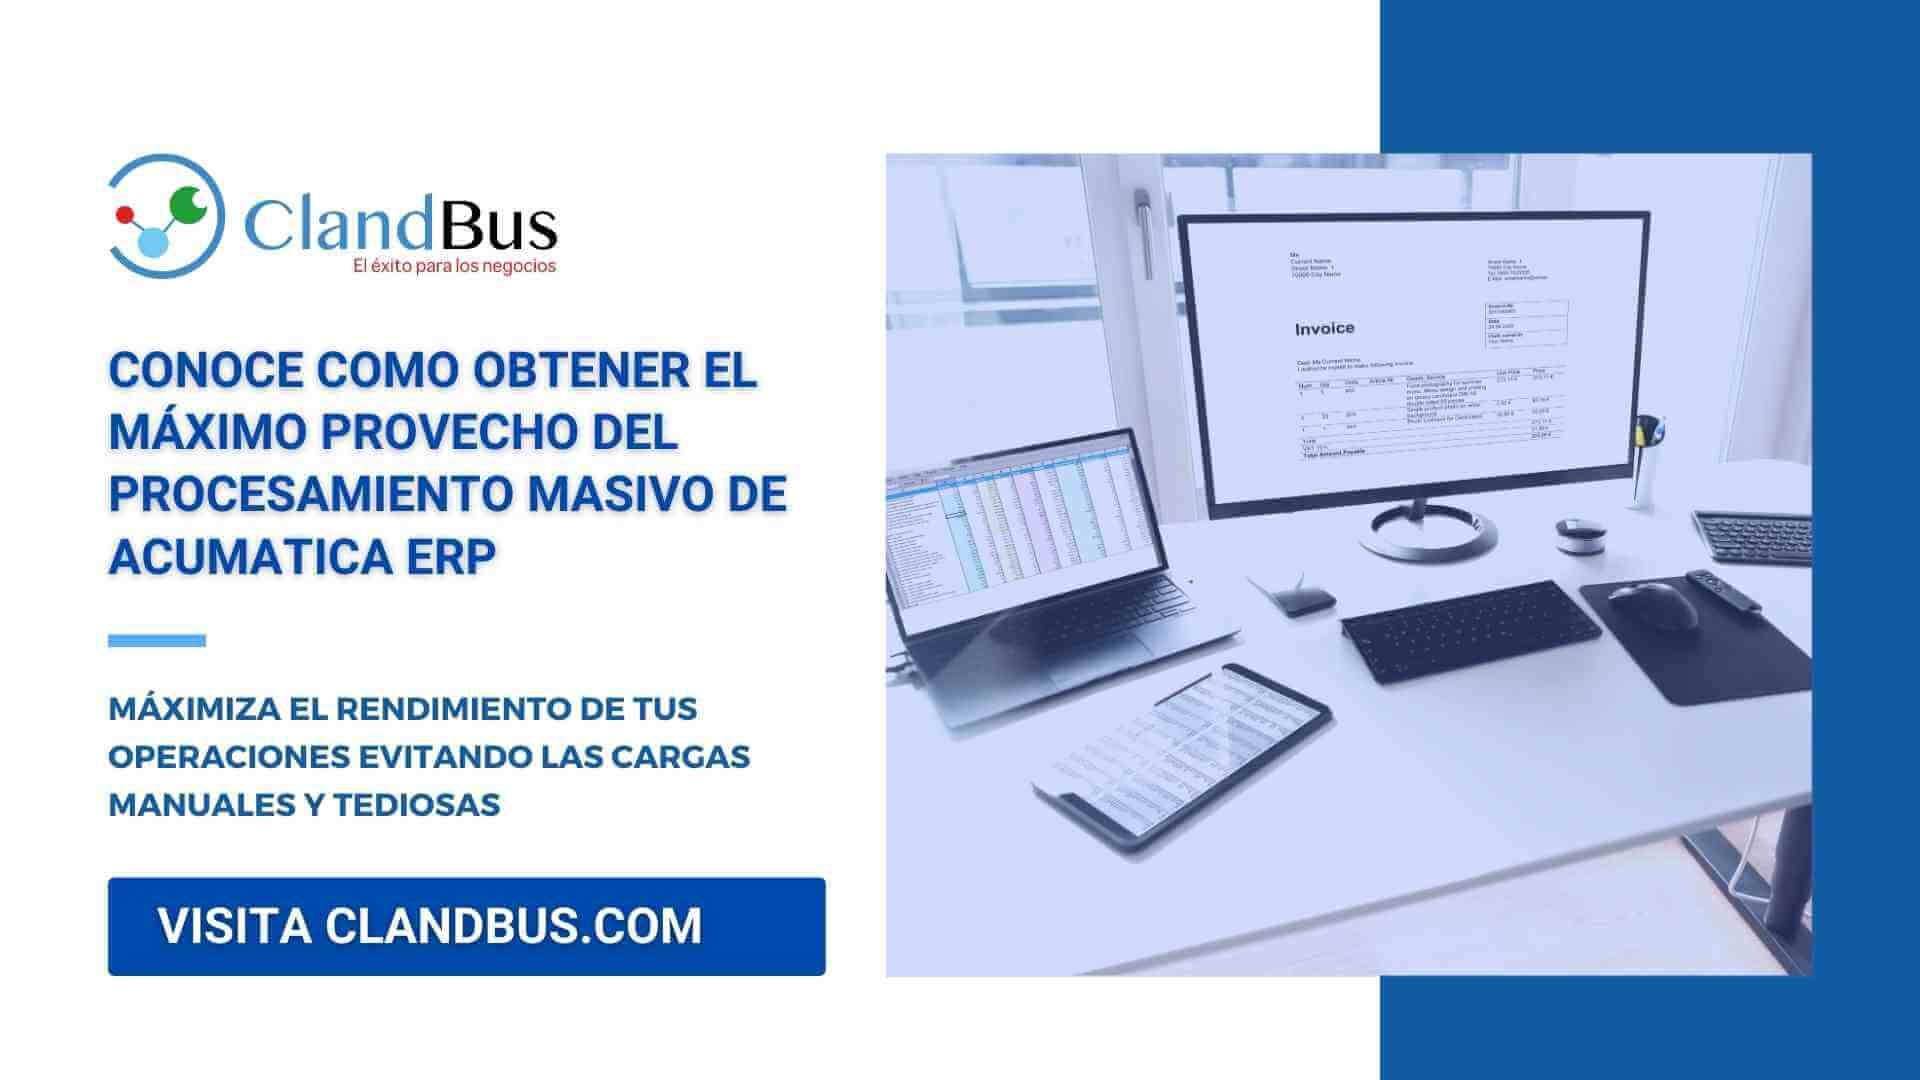 Procesamiento masivo - Conoce como obtener el máximo provecho del procesamiento masivo de Acumatica ERP y ClandBus